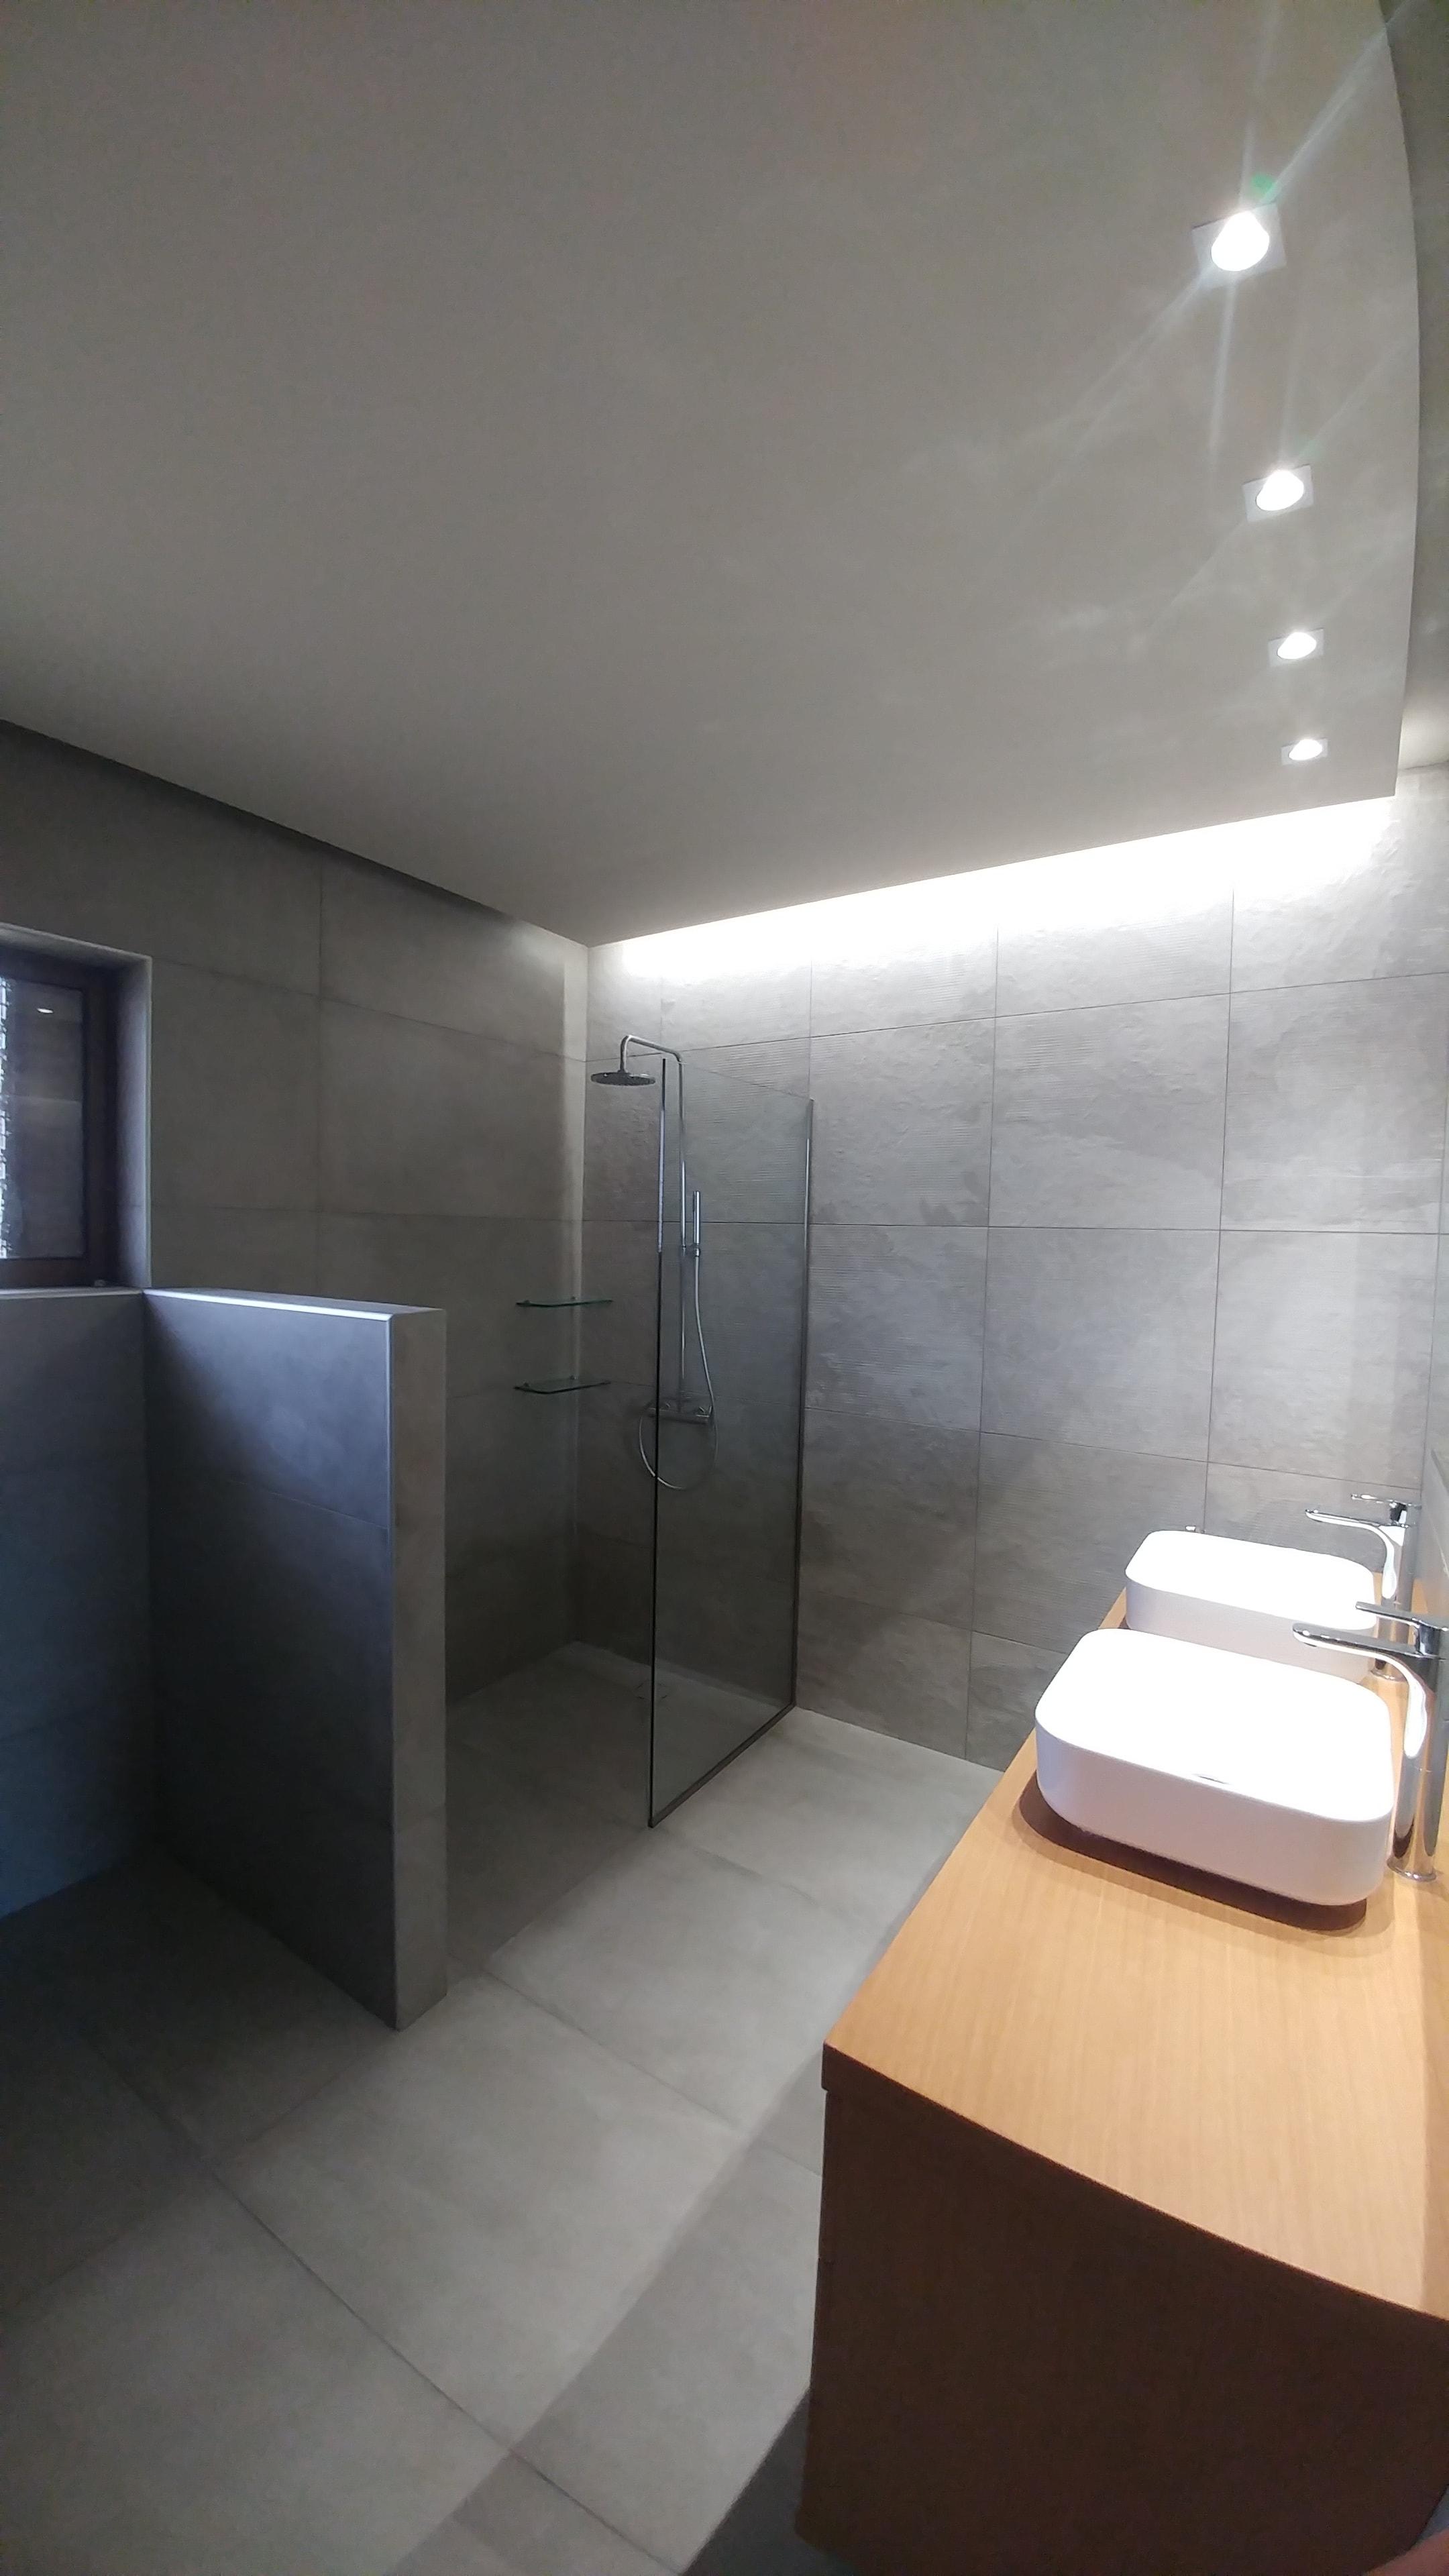 Ανακαίνιση μπάνιου στη Φιλοθέη | OPUS